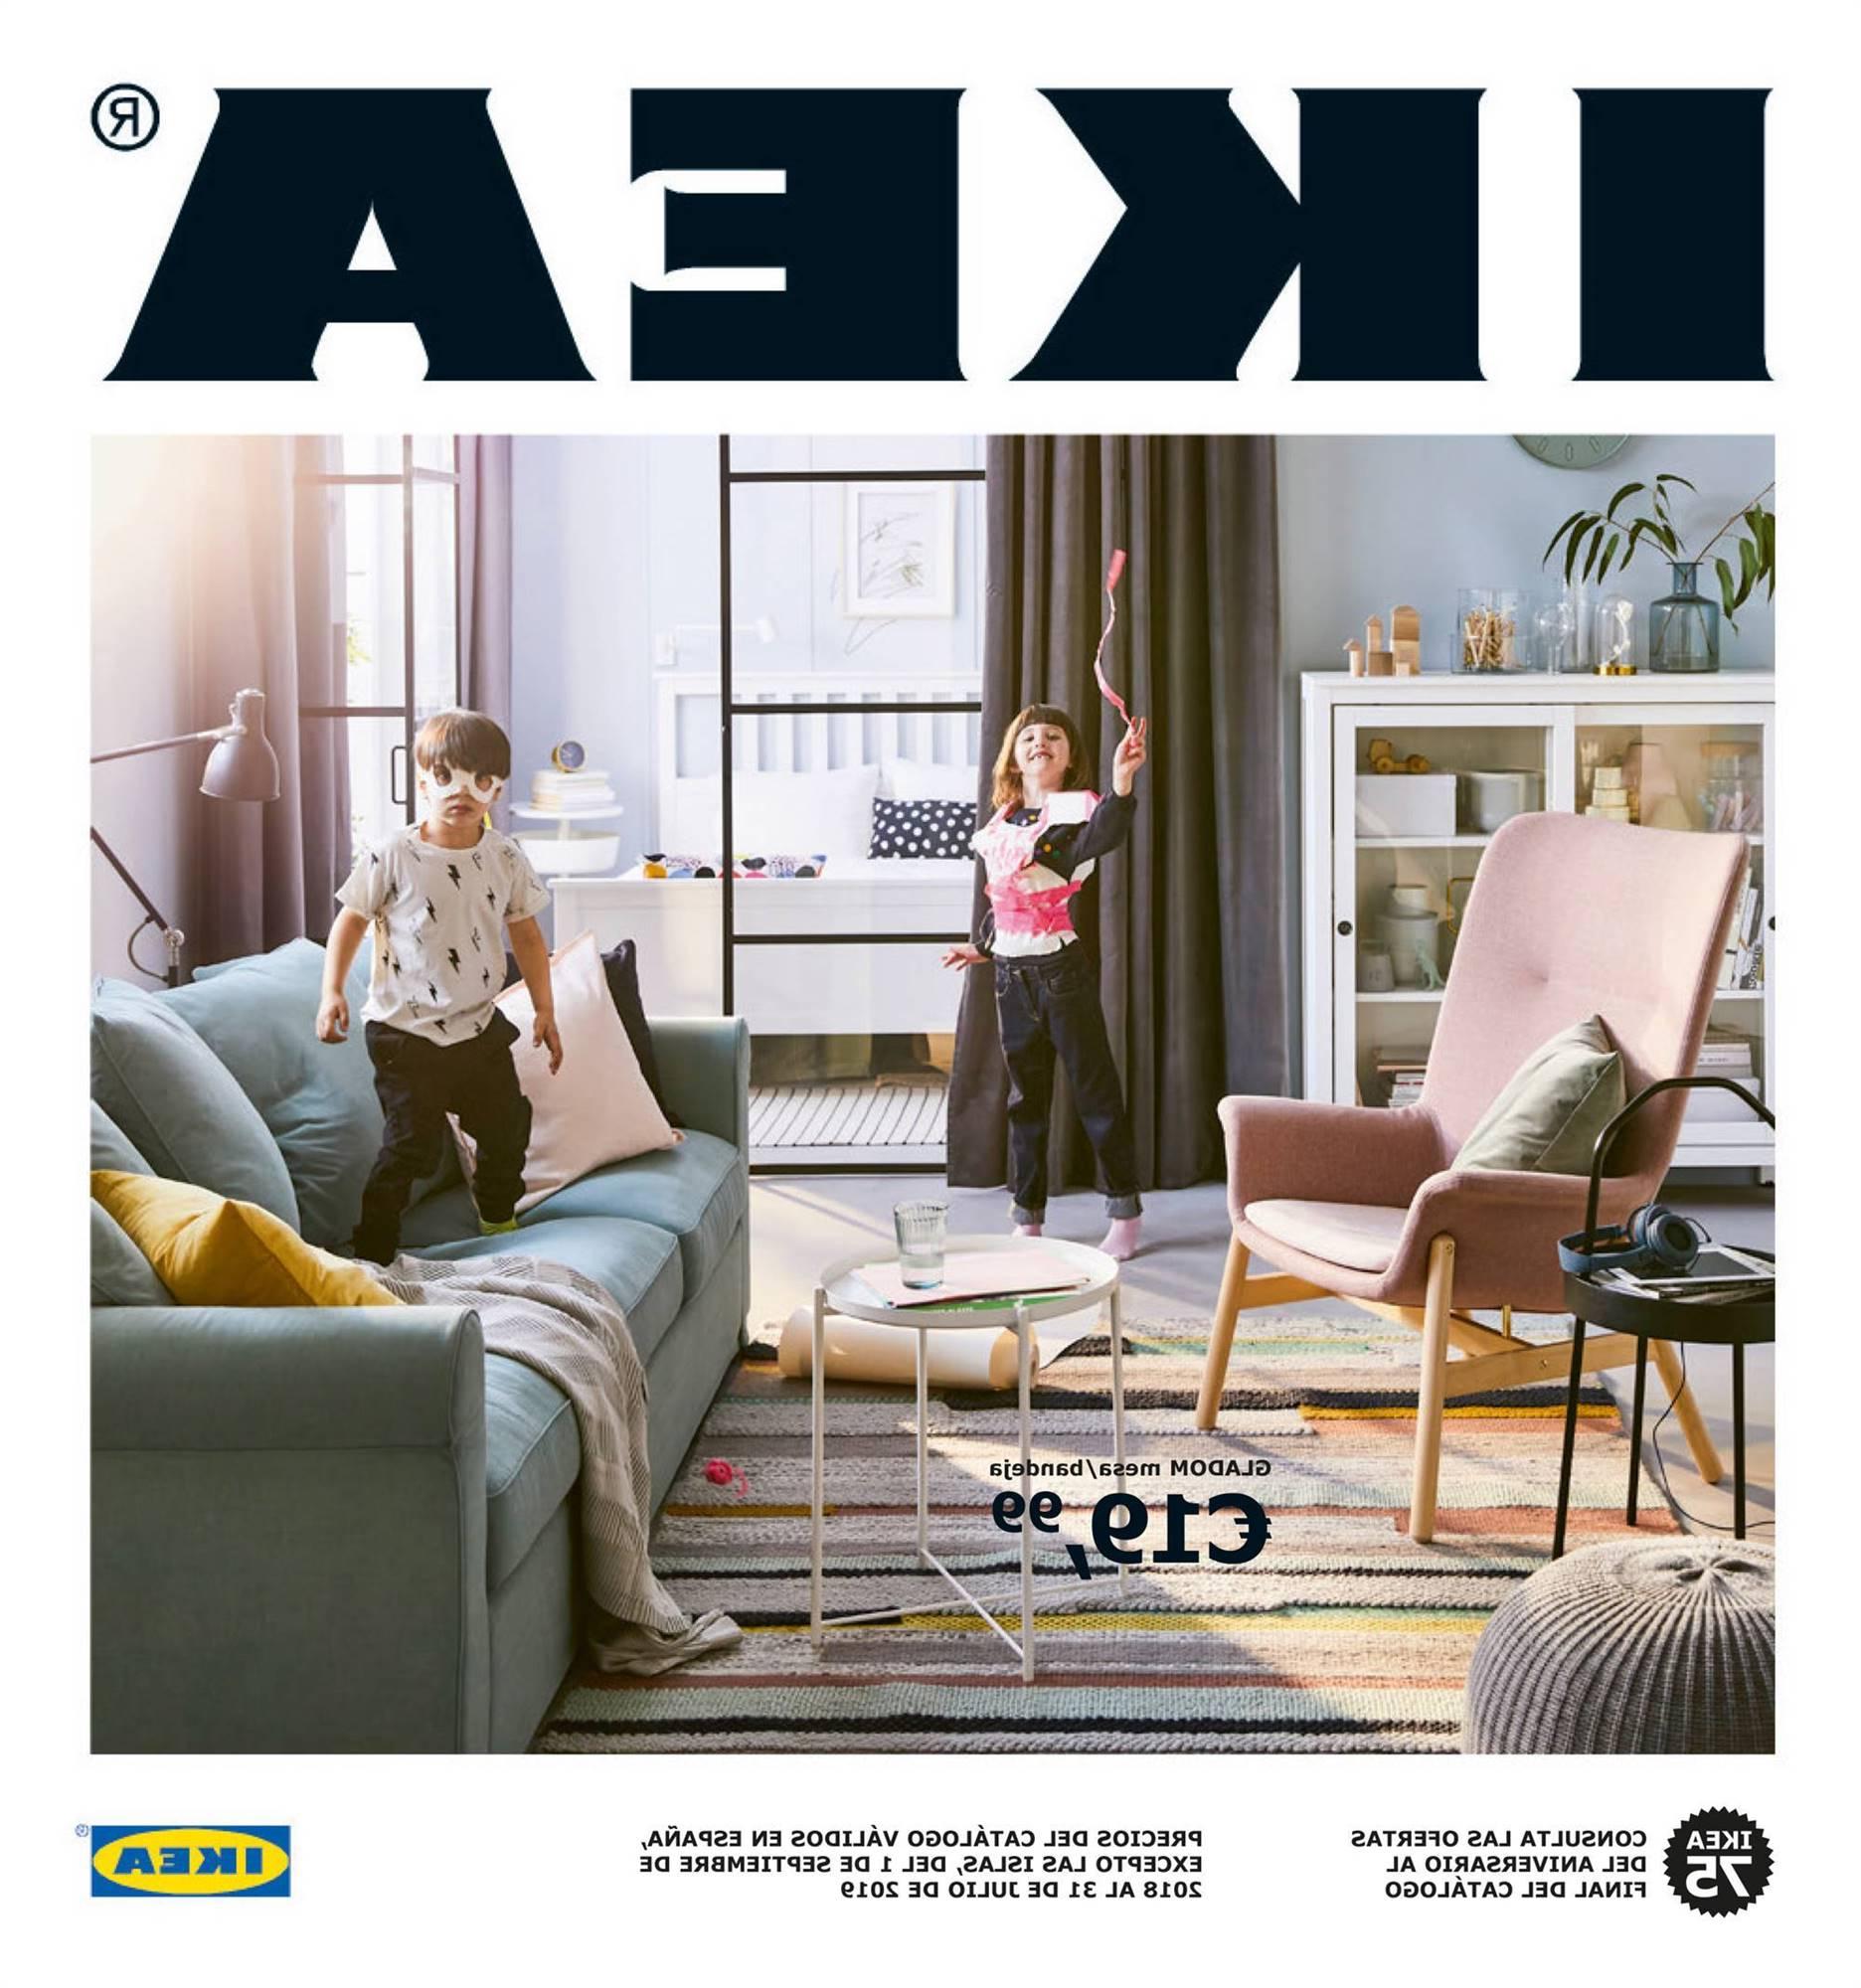 Muebles De Ikea Catalogo 3id6 El Nuevo Catà Logo De Ikea 2019 Ya Està AquÃ